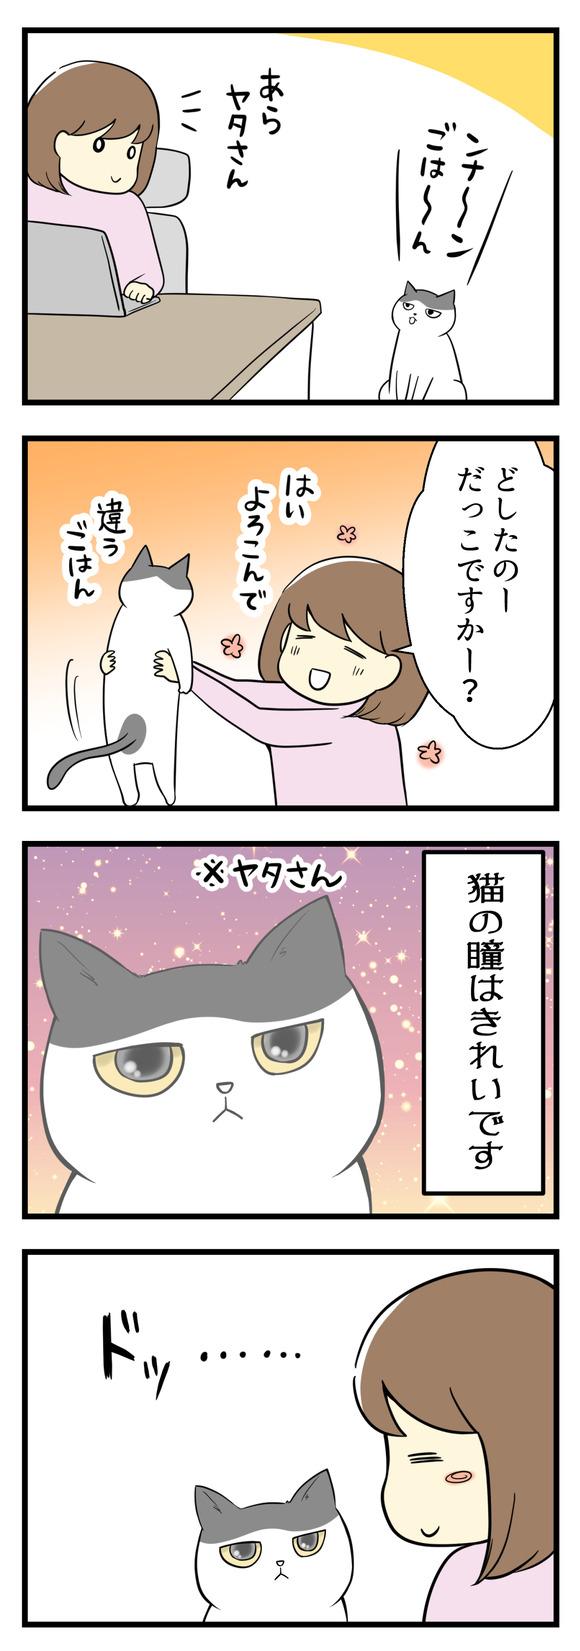 猫のヤタさんが近くに来ました。抱っこして近くで見て実感する、猫の瞳のきれいさ!この瞳を見ていると・・・・・・